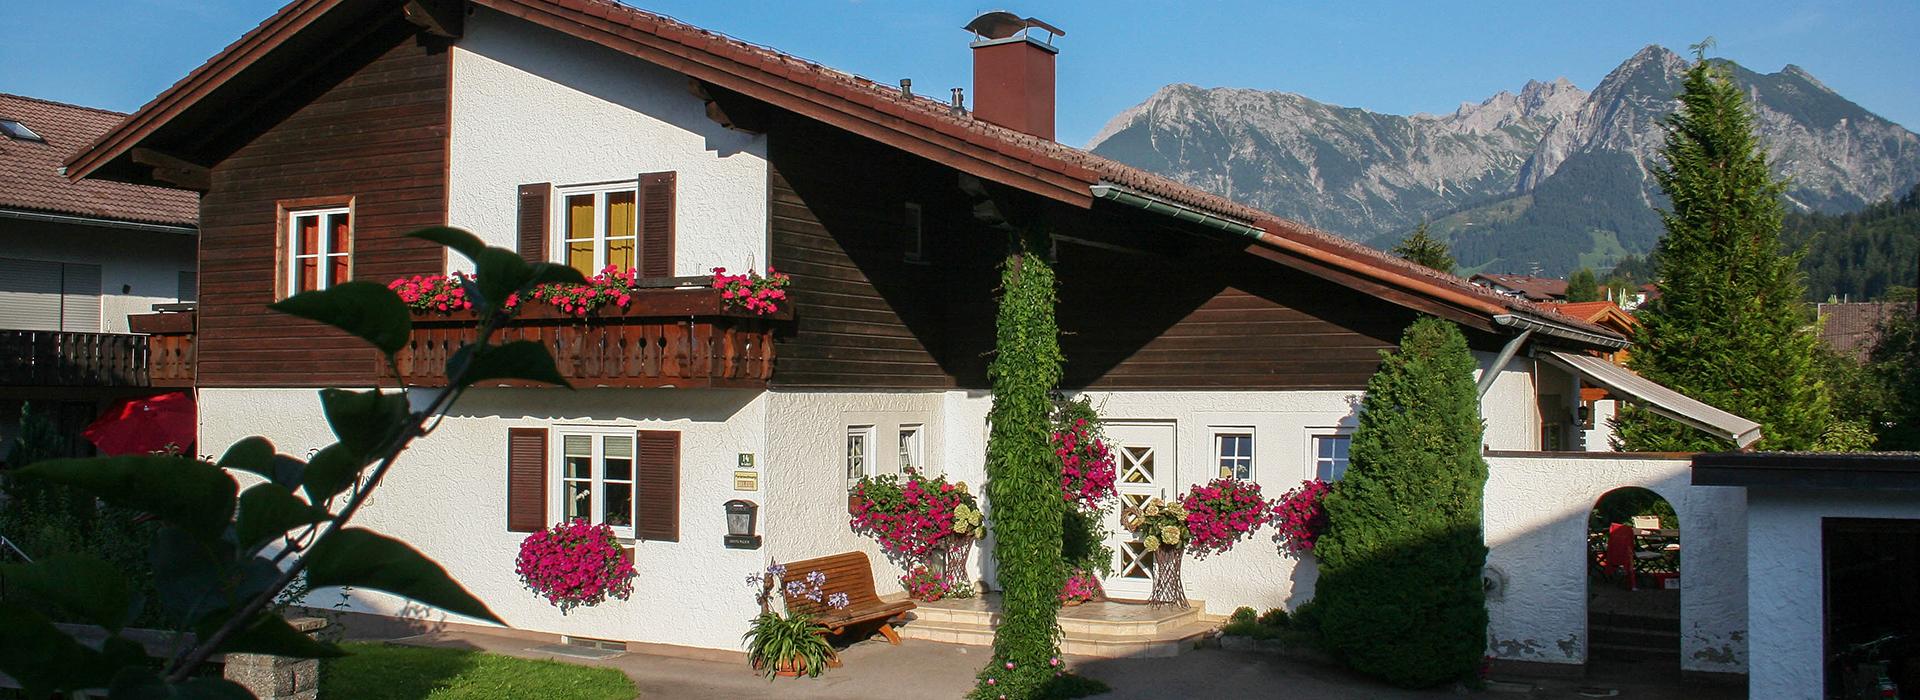 Anfahrt nach Obermaiselstein